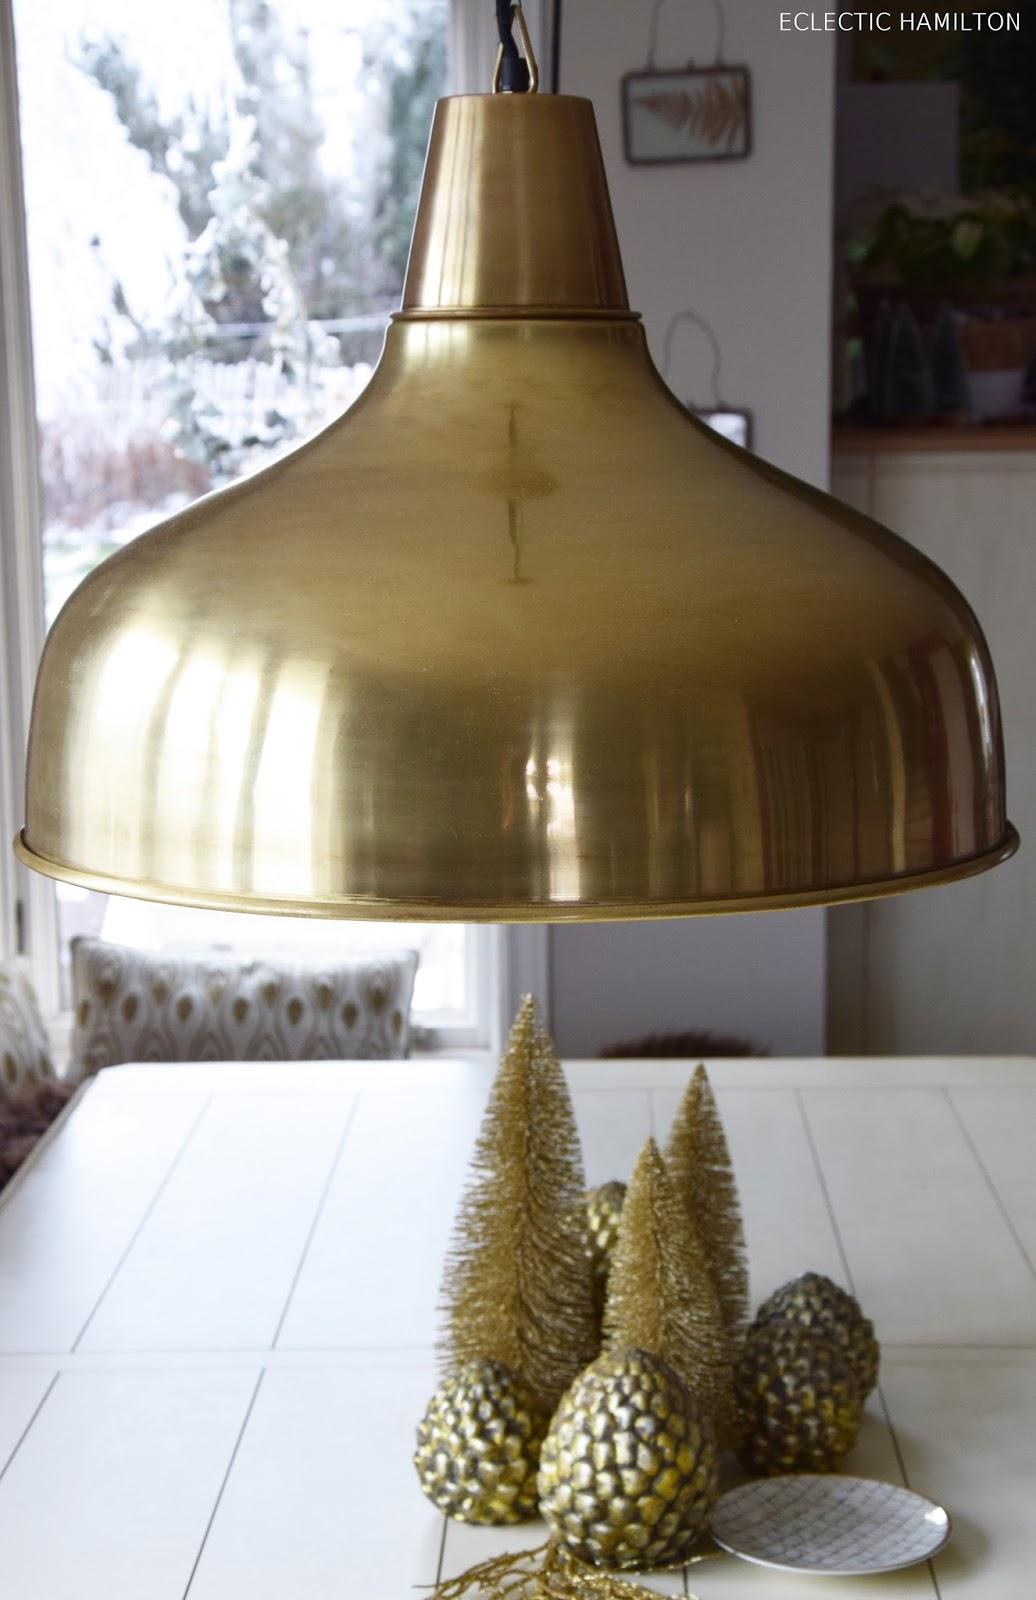 Die perfekte Lampe für das Esszimmer und tolle Weihnachtsdeko in Gold.Tipps zum Leuchtmittelkauf / lampenkauf: LED Lampen Leuchten esszimmer tisch deko dekoration gold kupfer